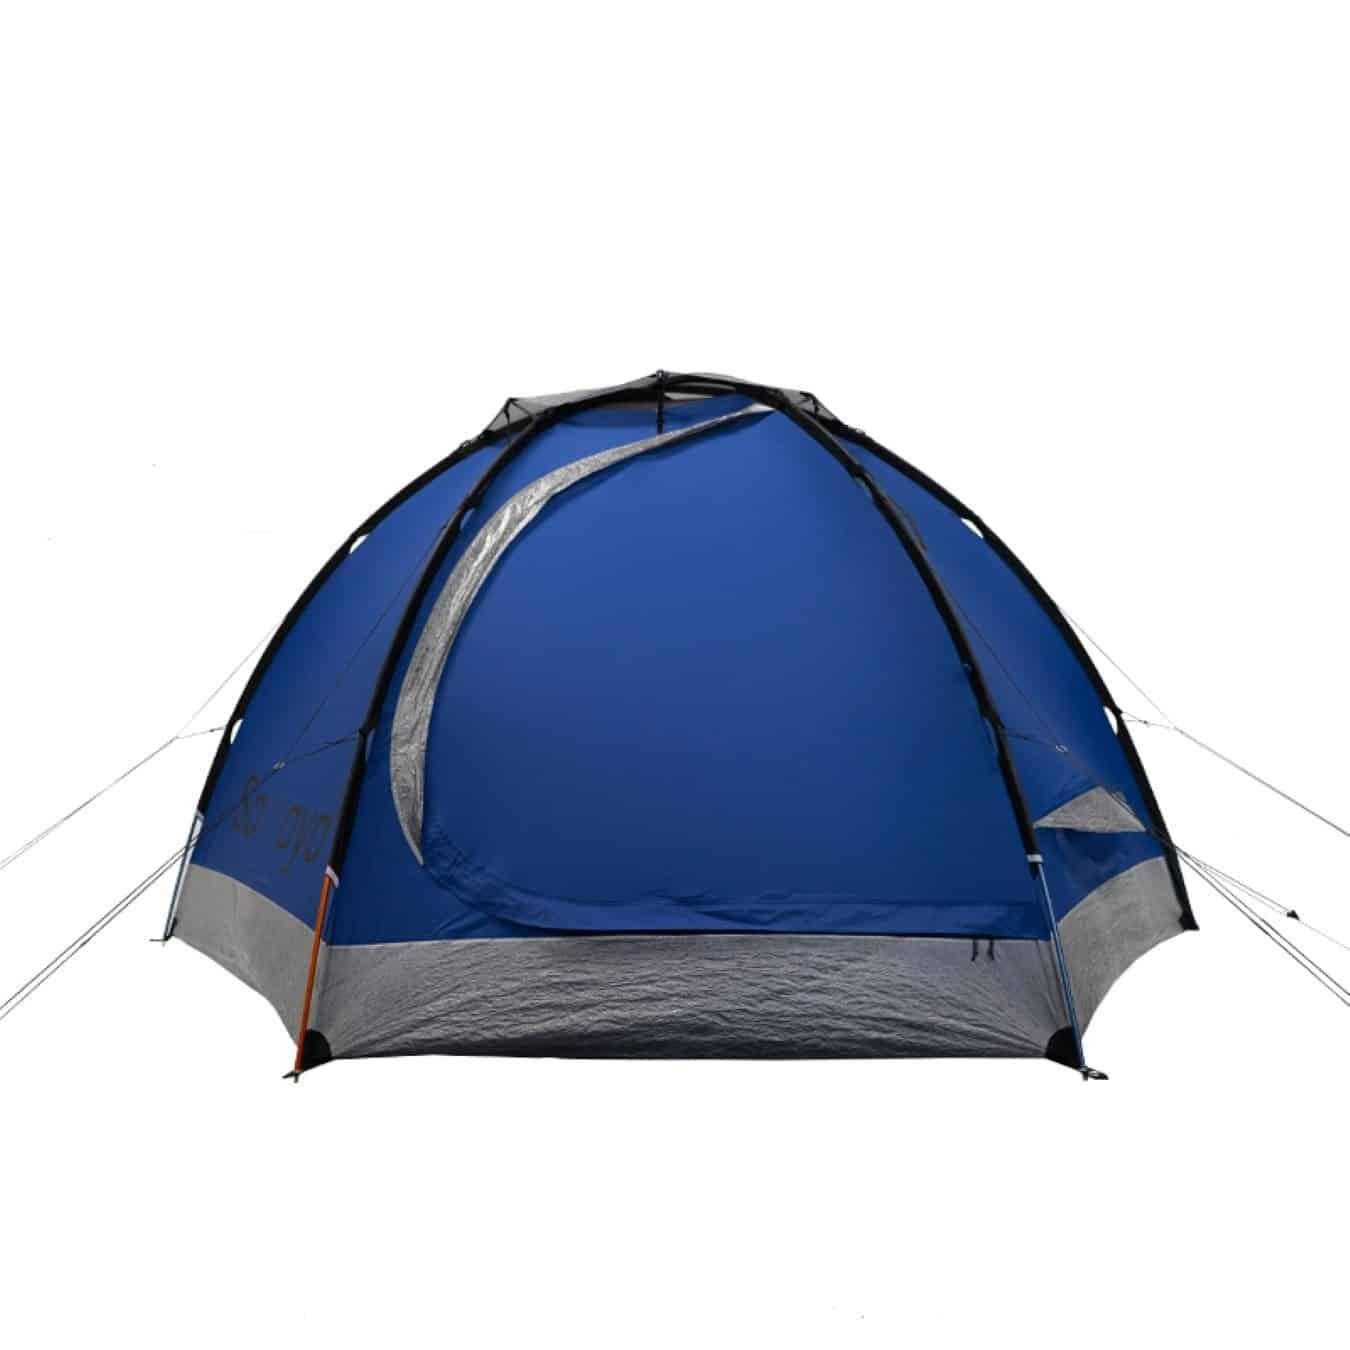 Une tente 4 saisons 3 personnes